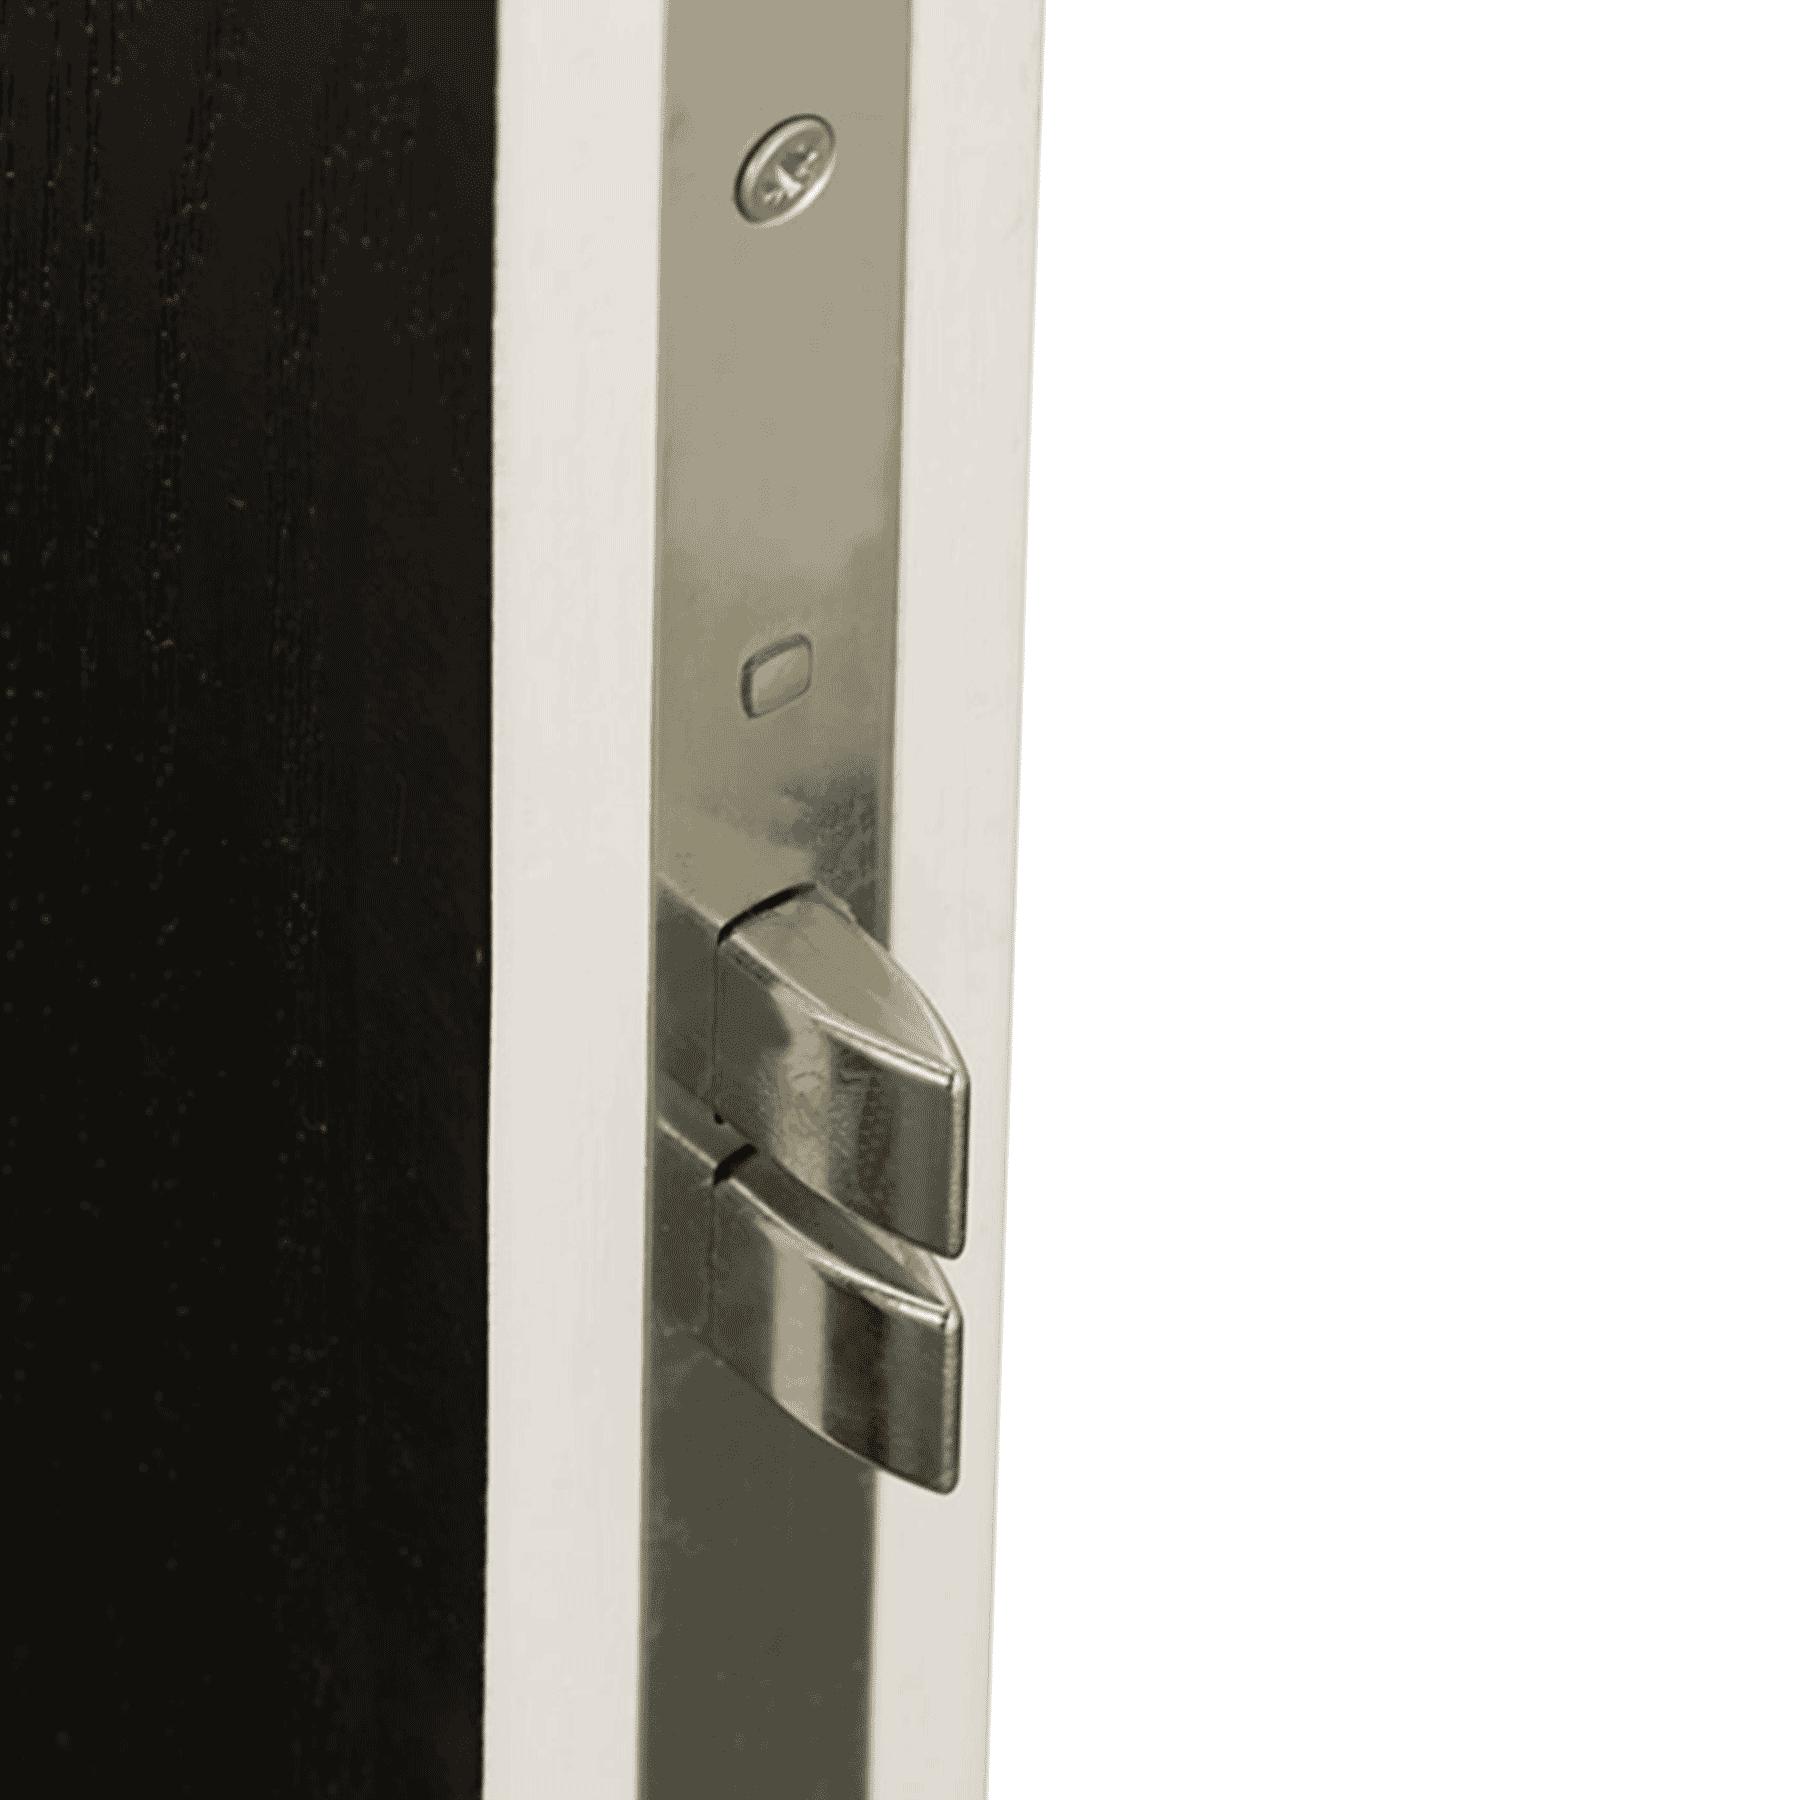 External Door Latch